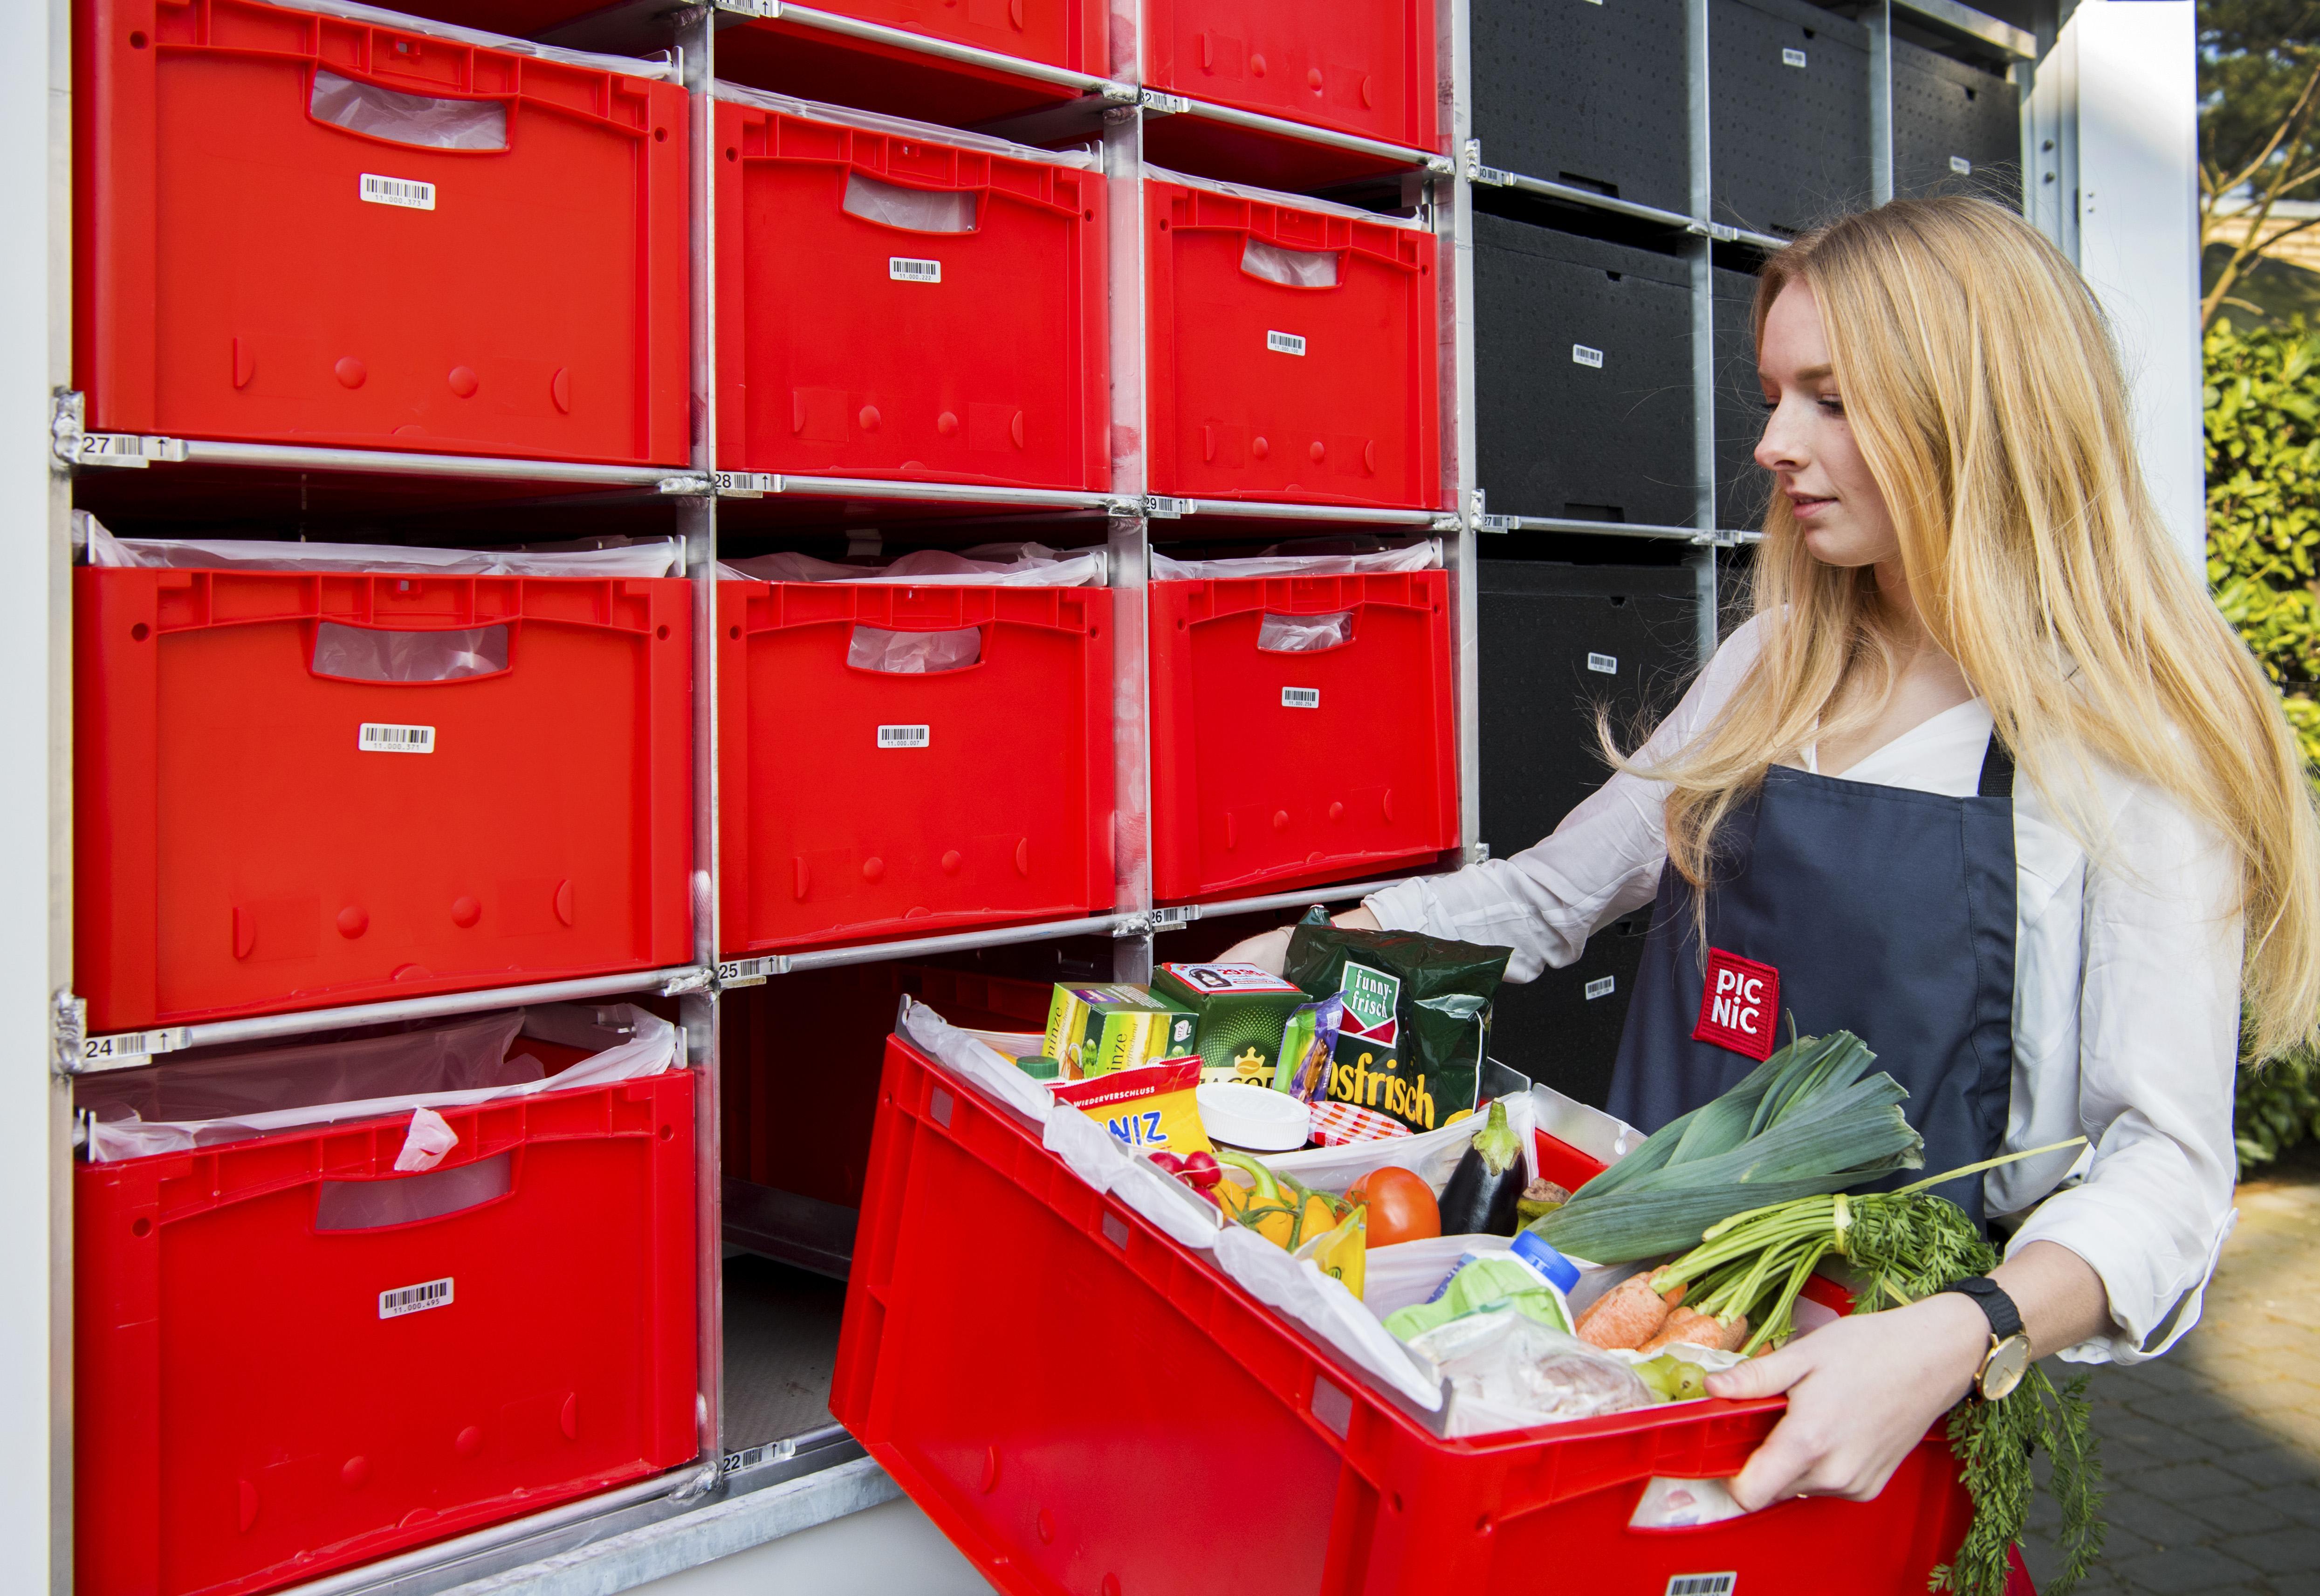 Zaandammers gaan voor noedelsoep; in Volendam is boerenyoghurt populair bij de online supermarkt